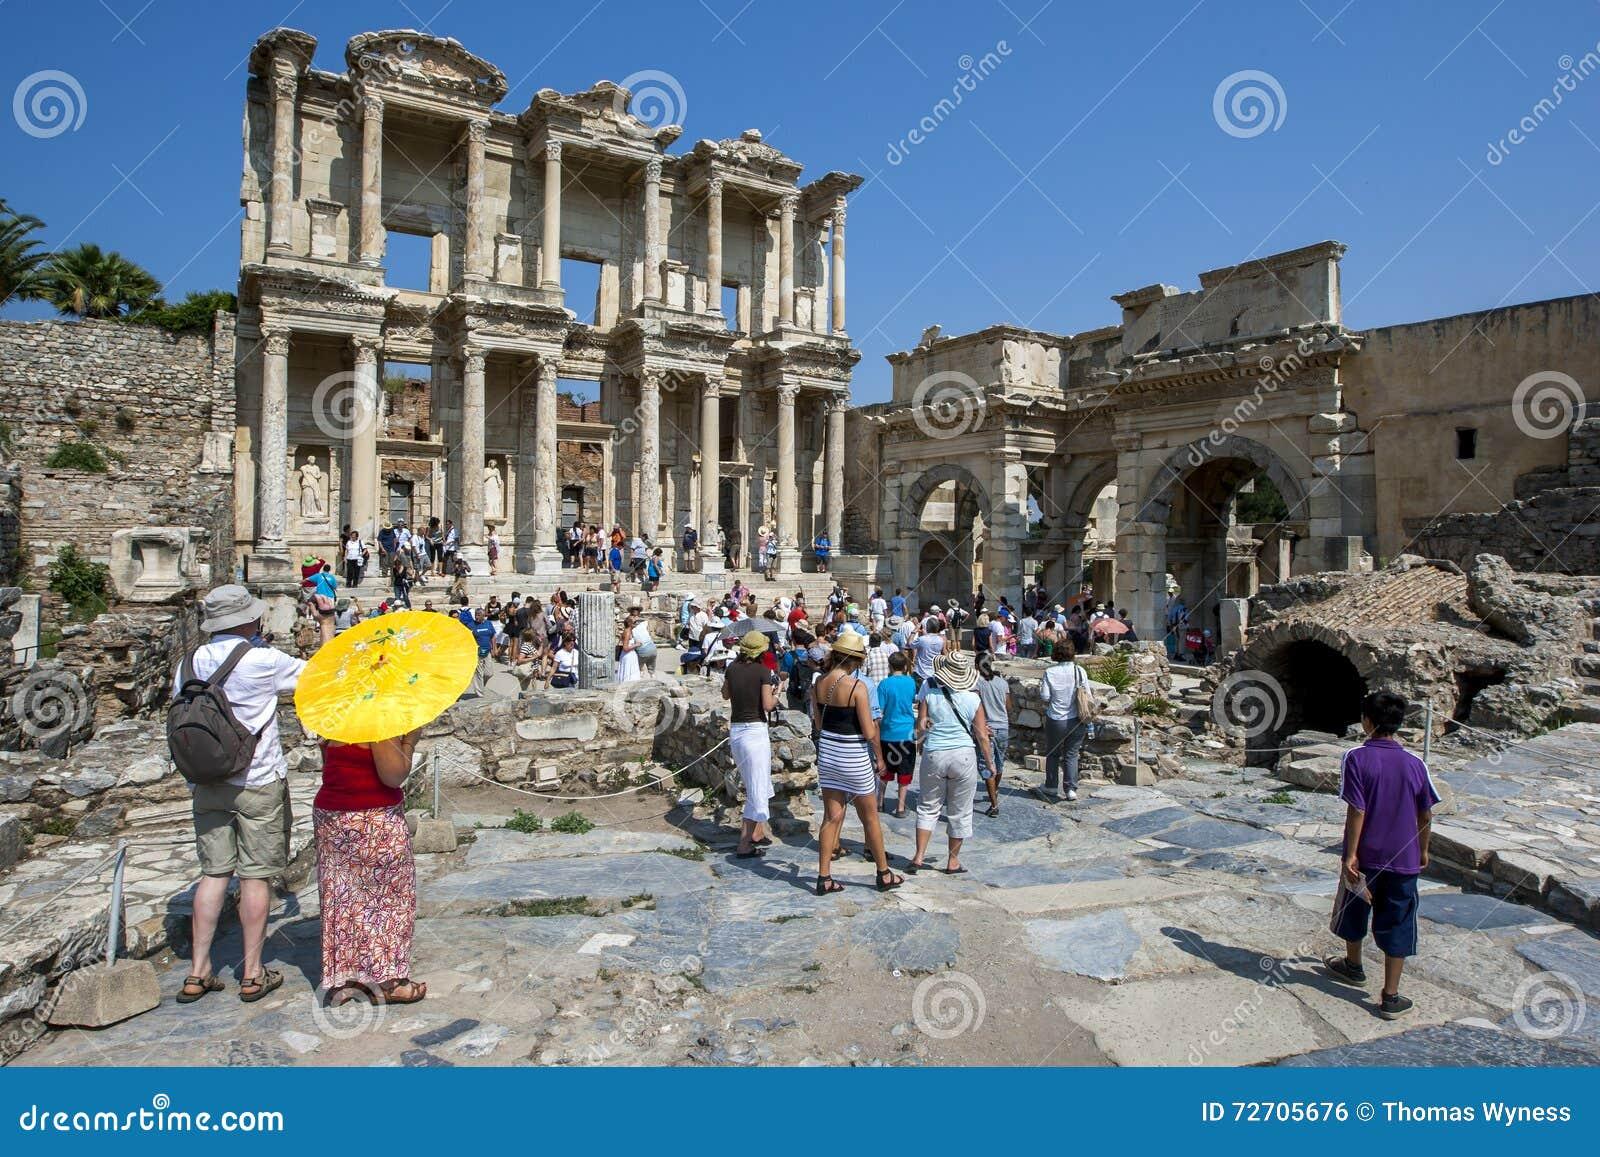 Los visitantes a Ephesus cerca de Selcuk en Turquía aprietan alrededor de las ruinas de la biblioteca de Celcus